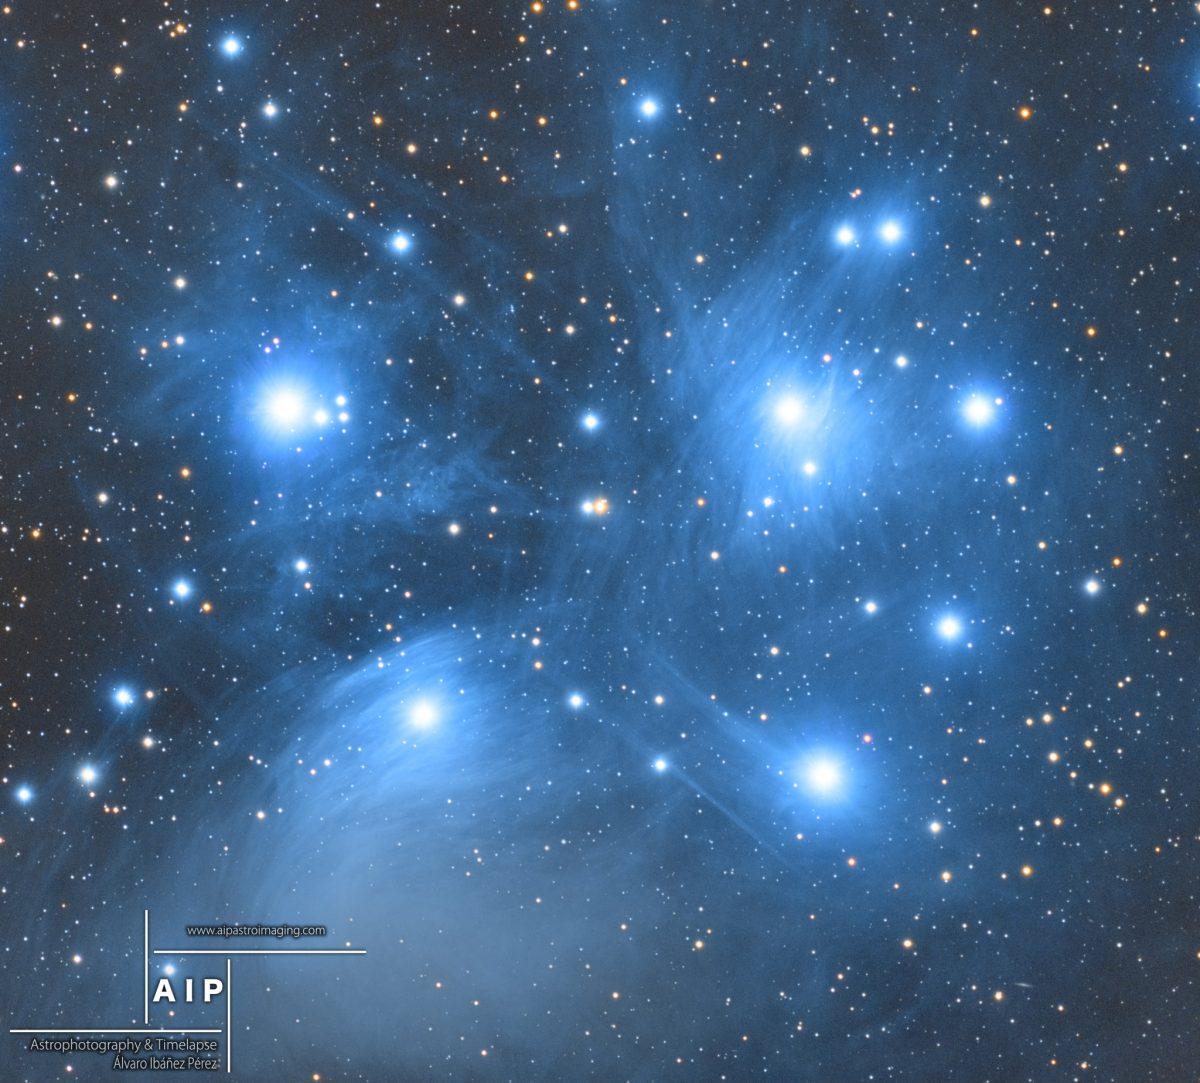 M45, aipastroimaging